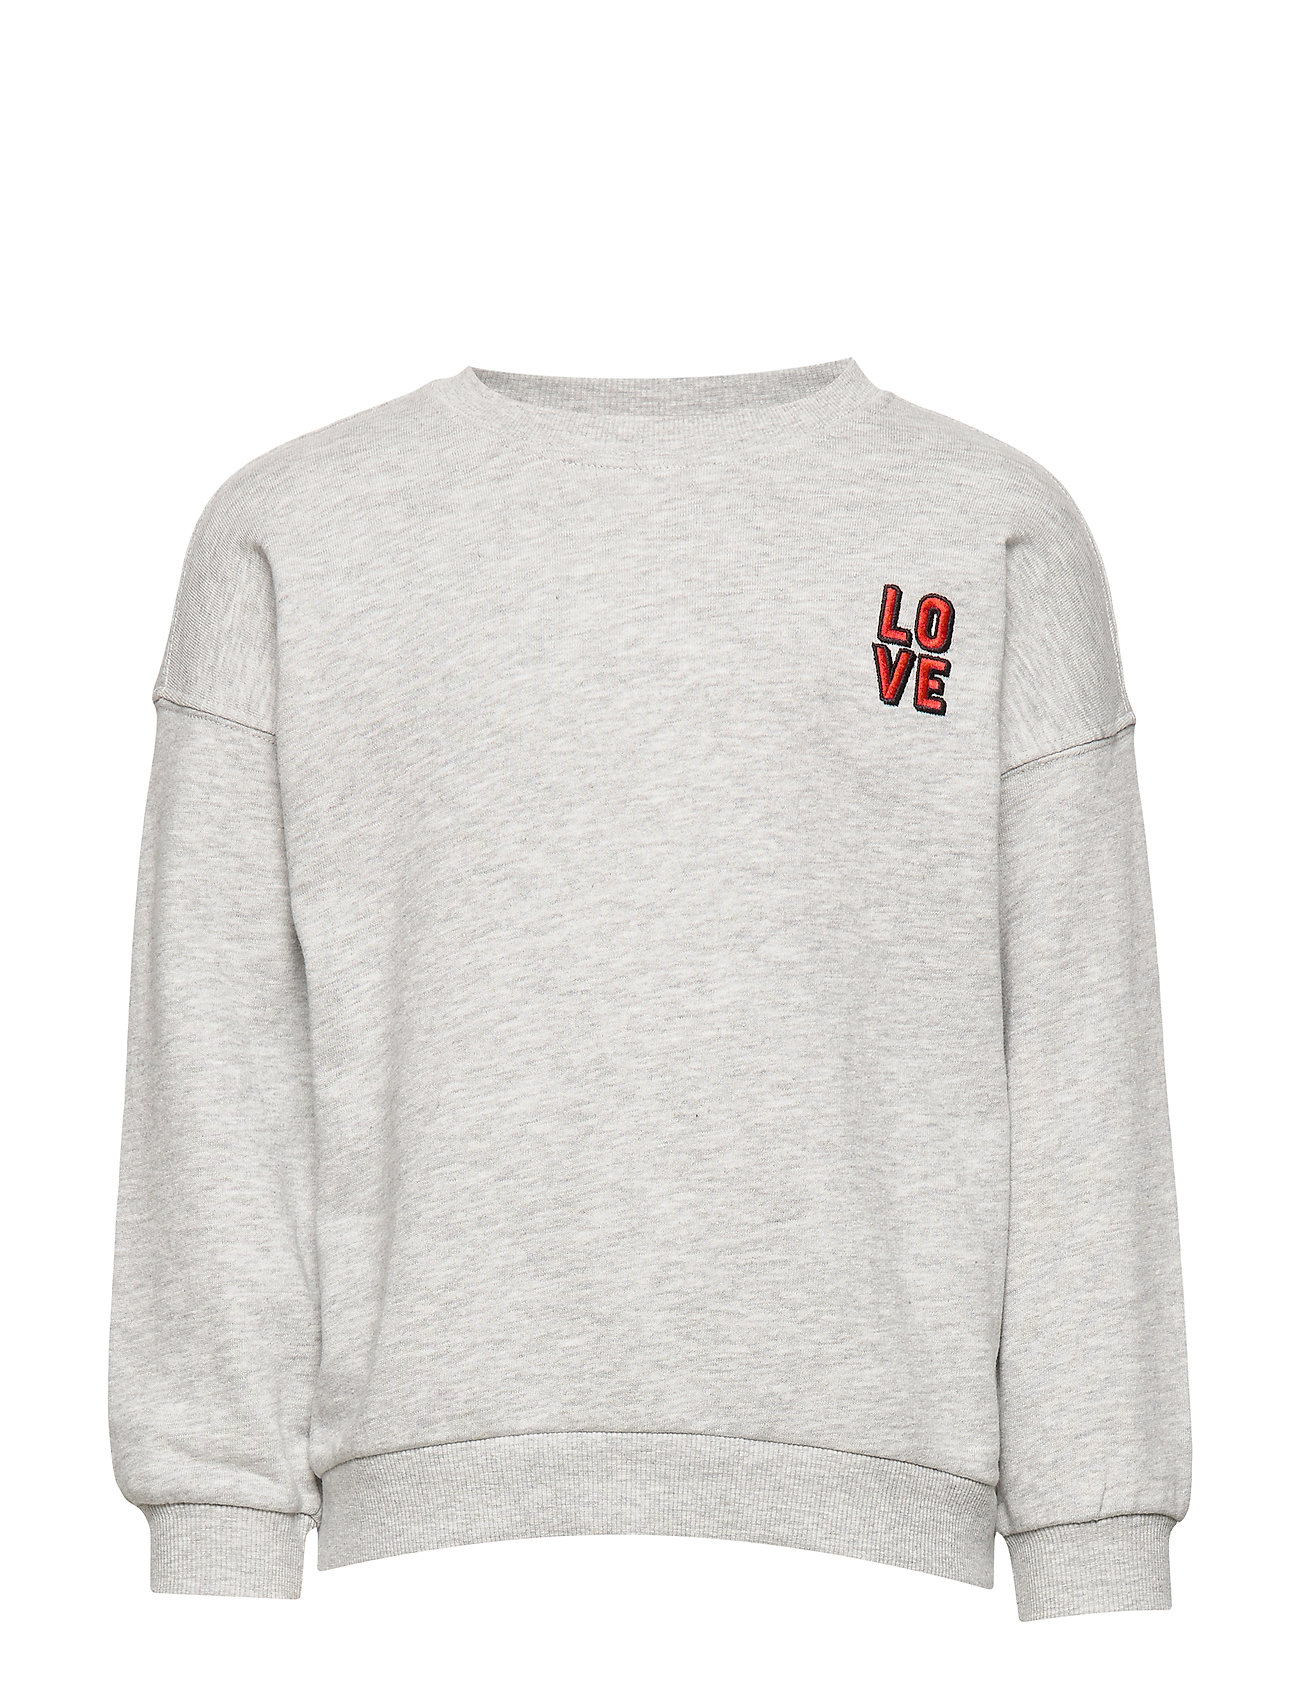 Gina Tricot Mini sweatshirt - LOVE/LTGREY